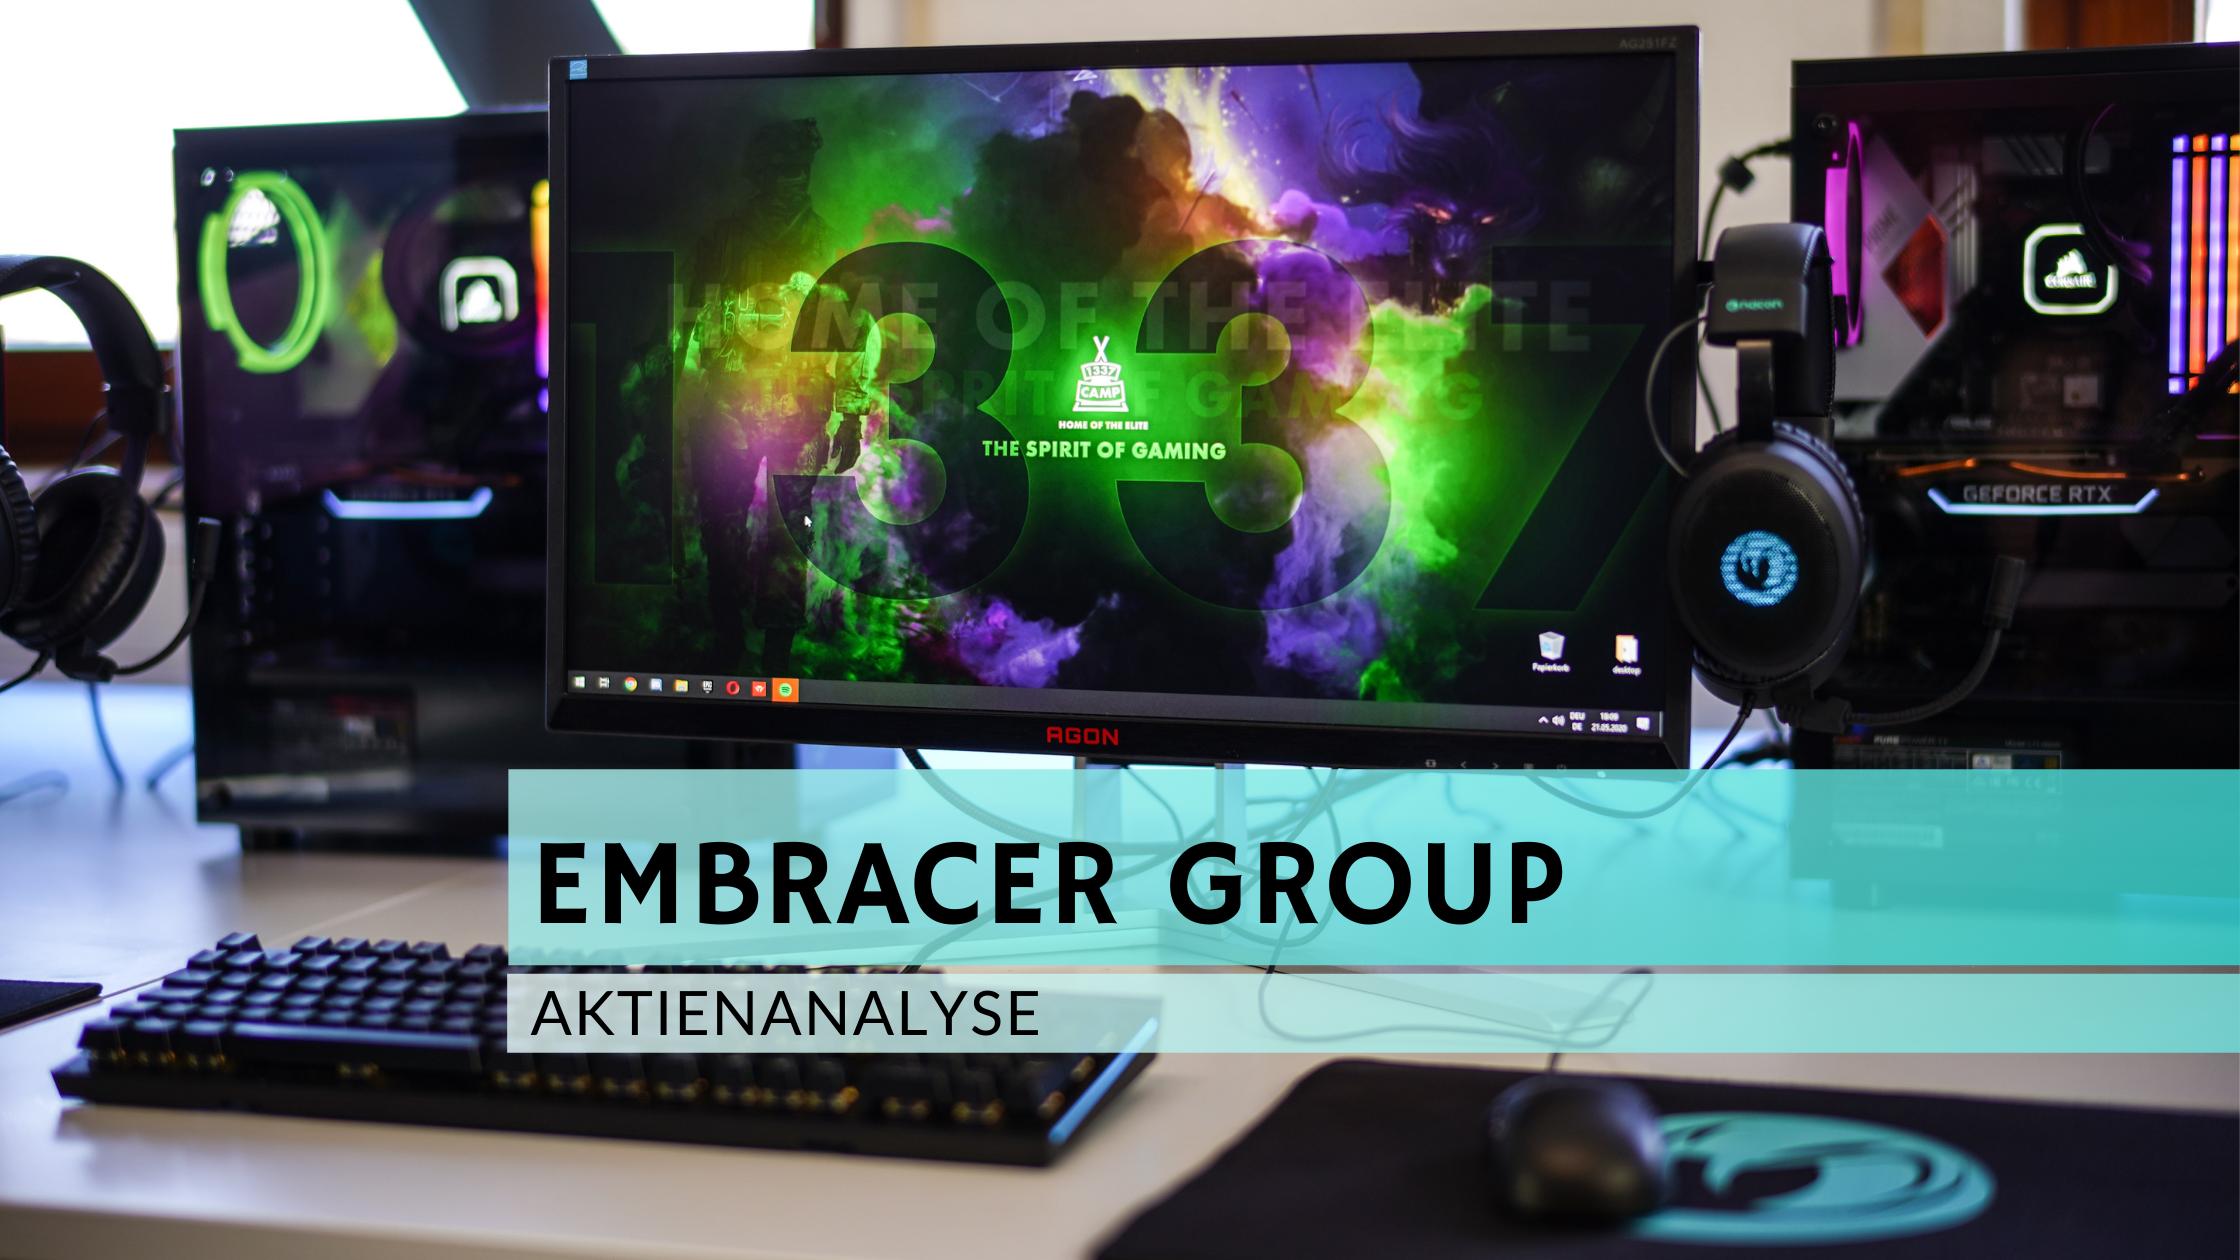 Embracer Group Aktienanalyse